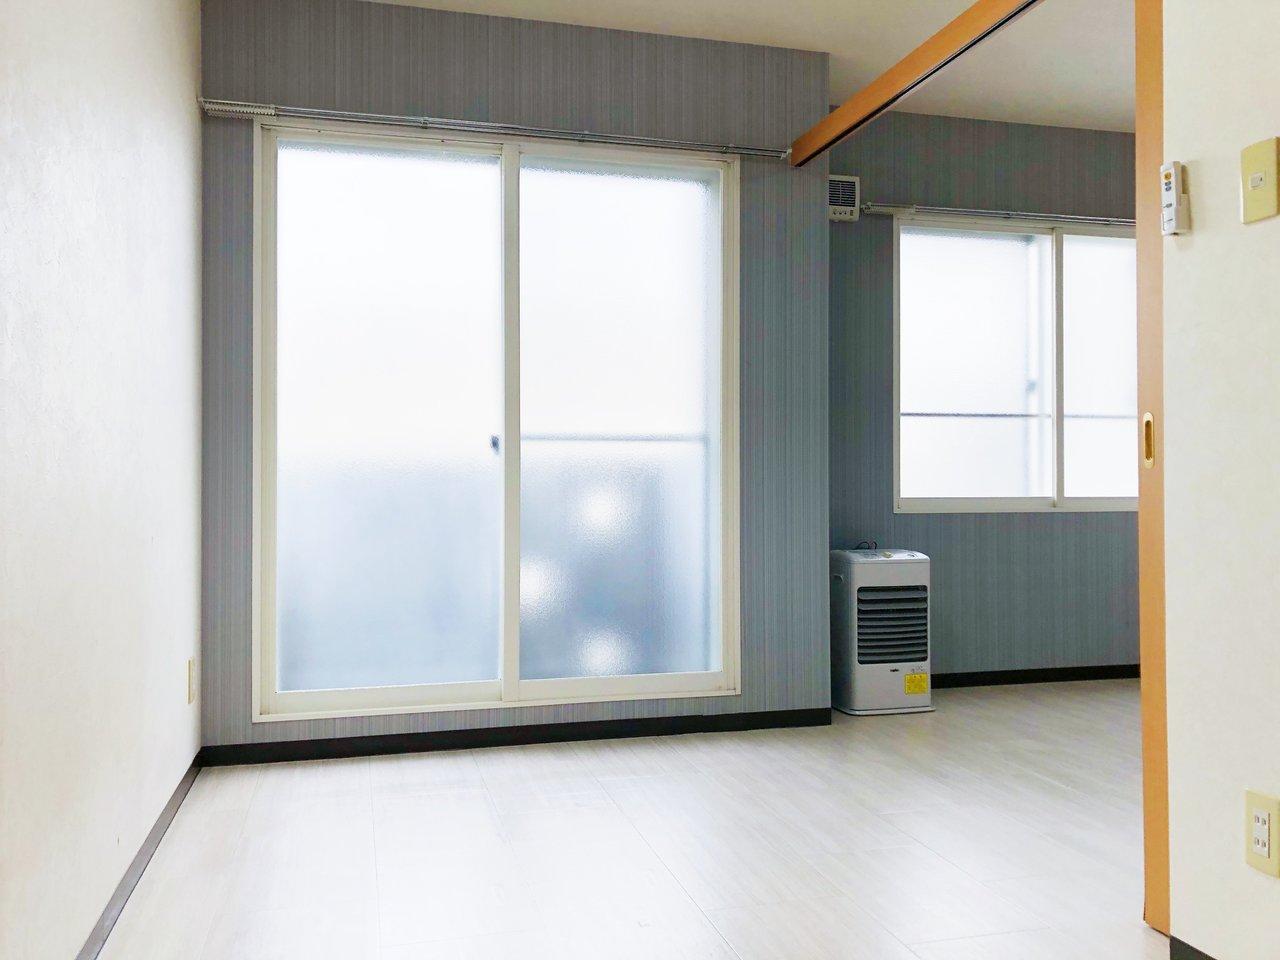 リビングにつながるもう一つの洋室は、大きめの収納つき。北東向きですが、窓が大きいので、十分光を感じることができそうです。